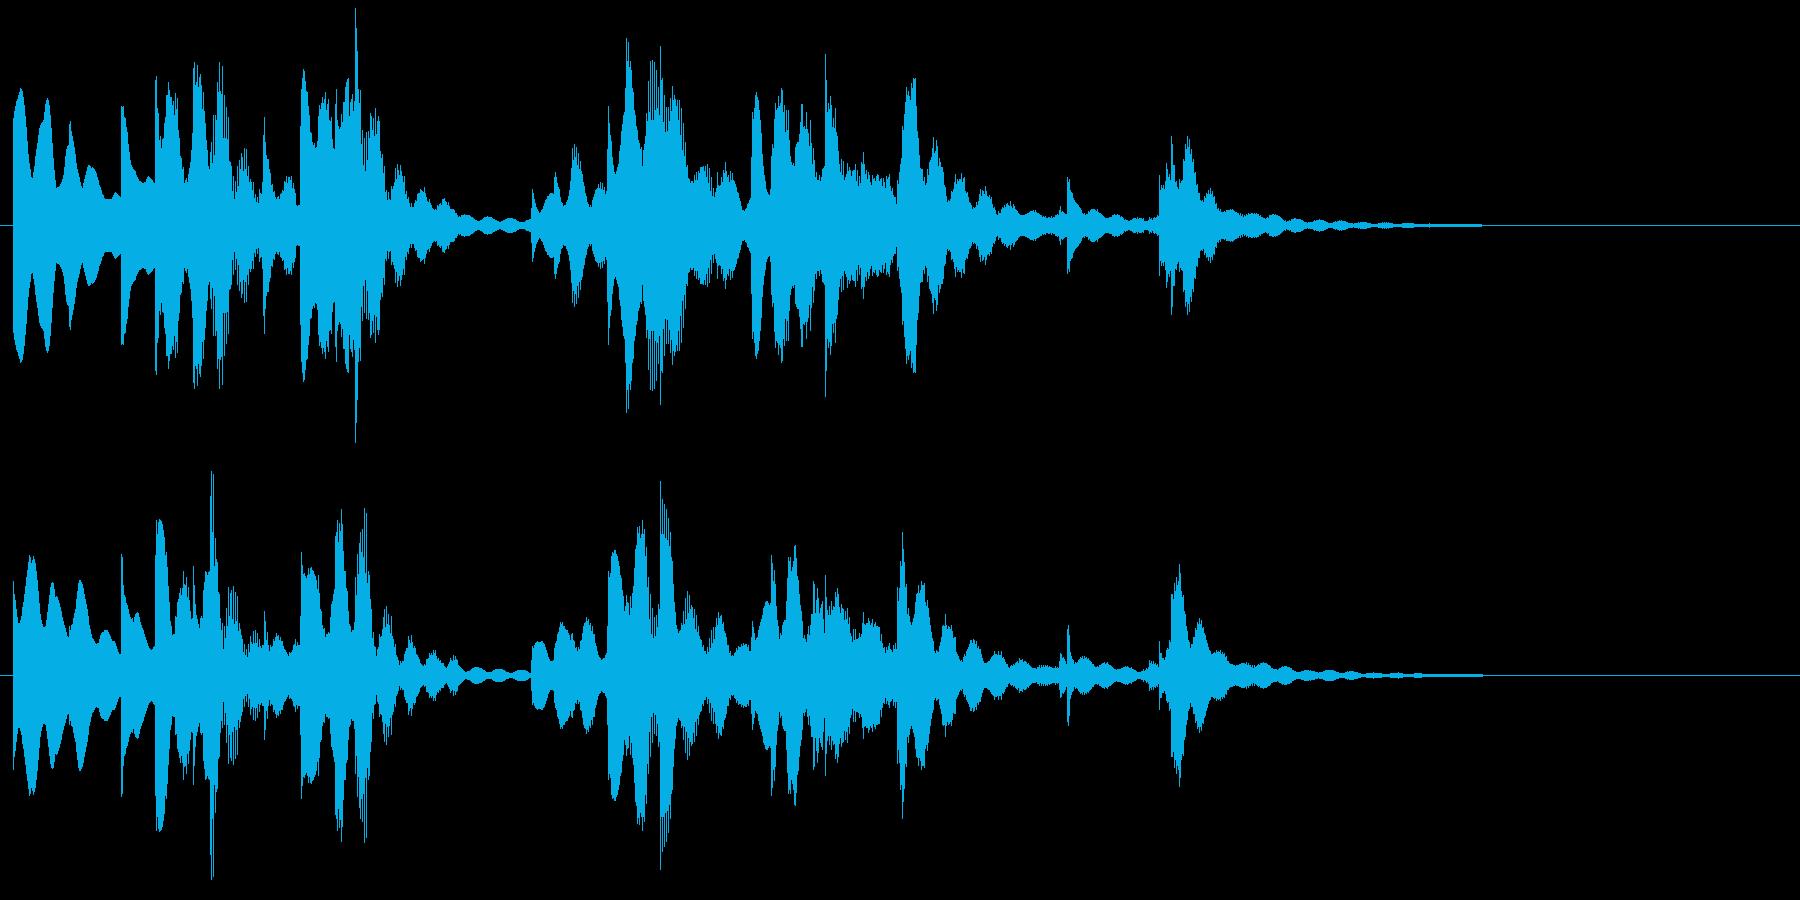 やさしい温もりあるピアノメロディーの再生済みの波形